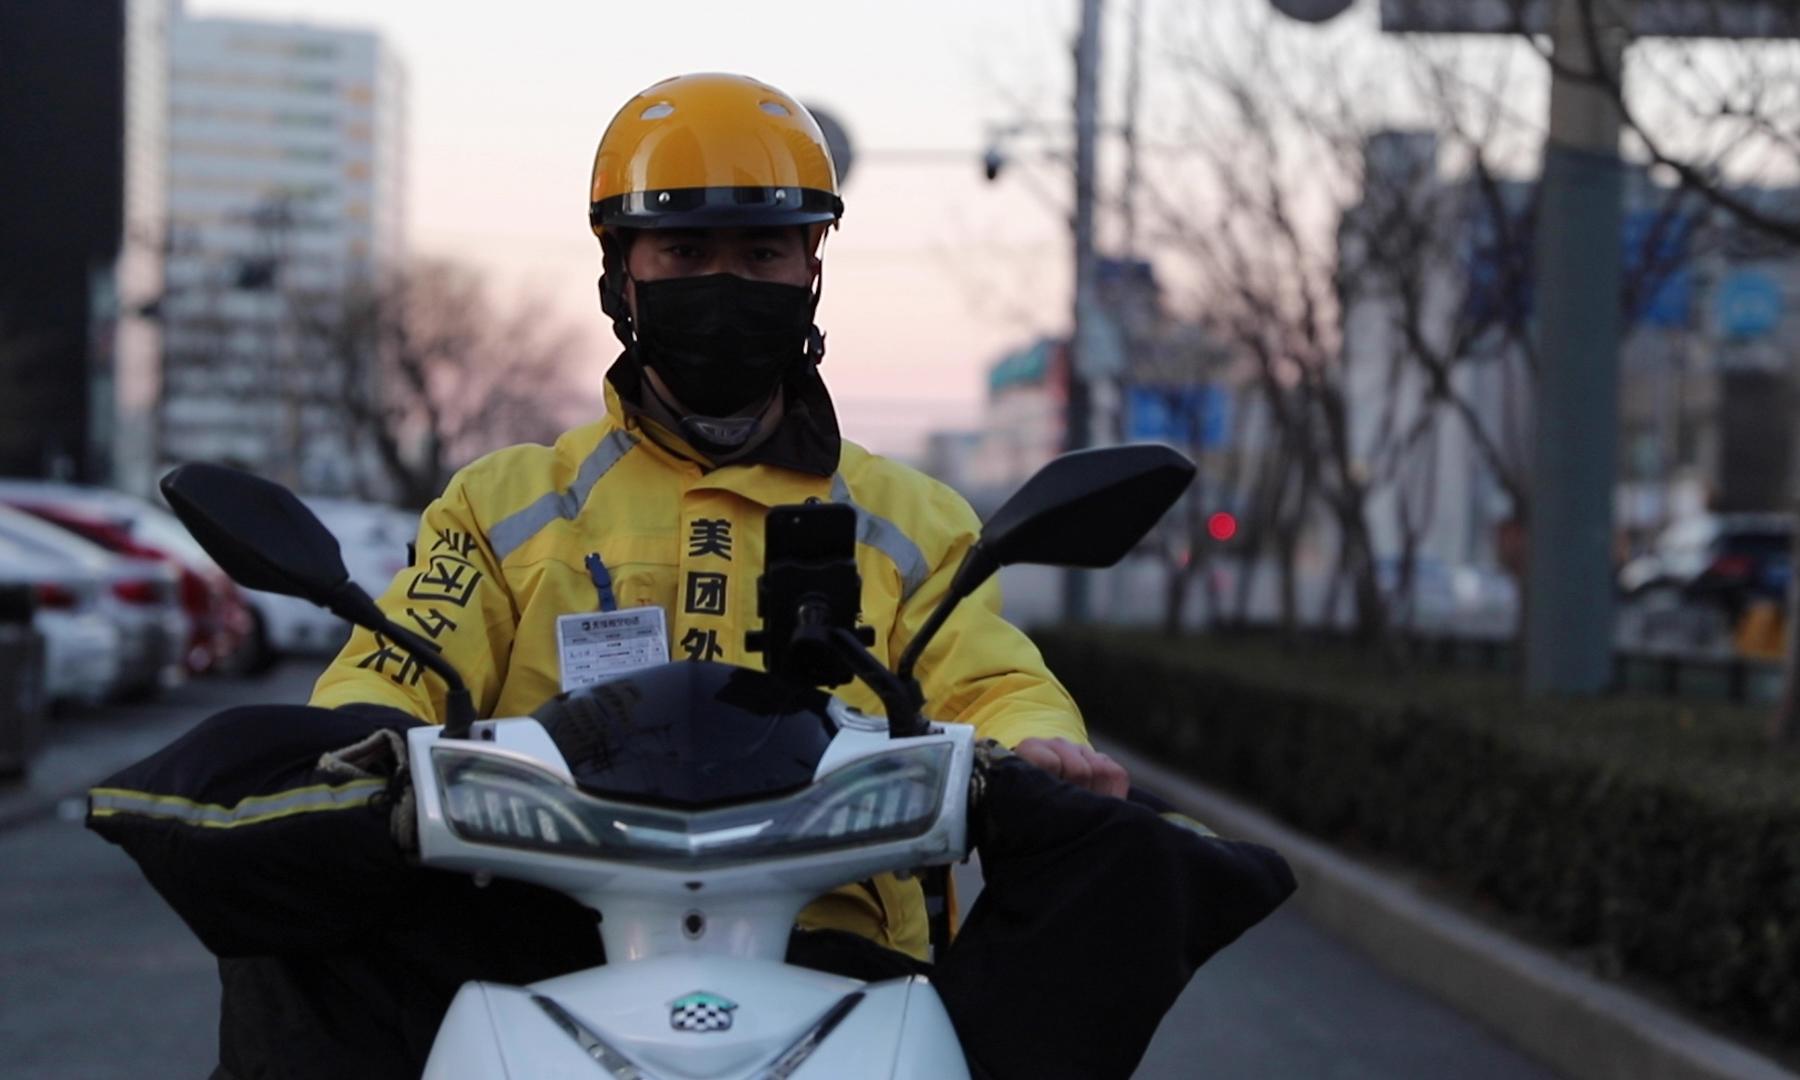 Gao Zhixiao, tài xế giao hàng tại thủ đô Bắc Kinh, Trung Quốc, hồi tháng 3/2020. Ảnh: Time.